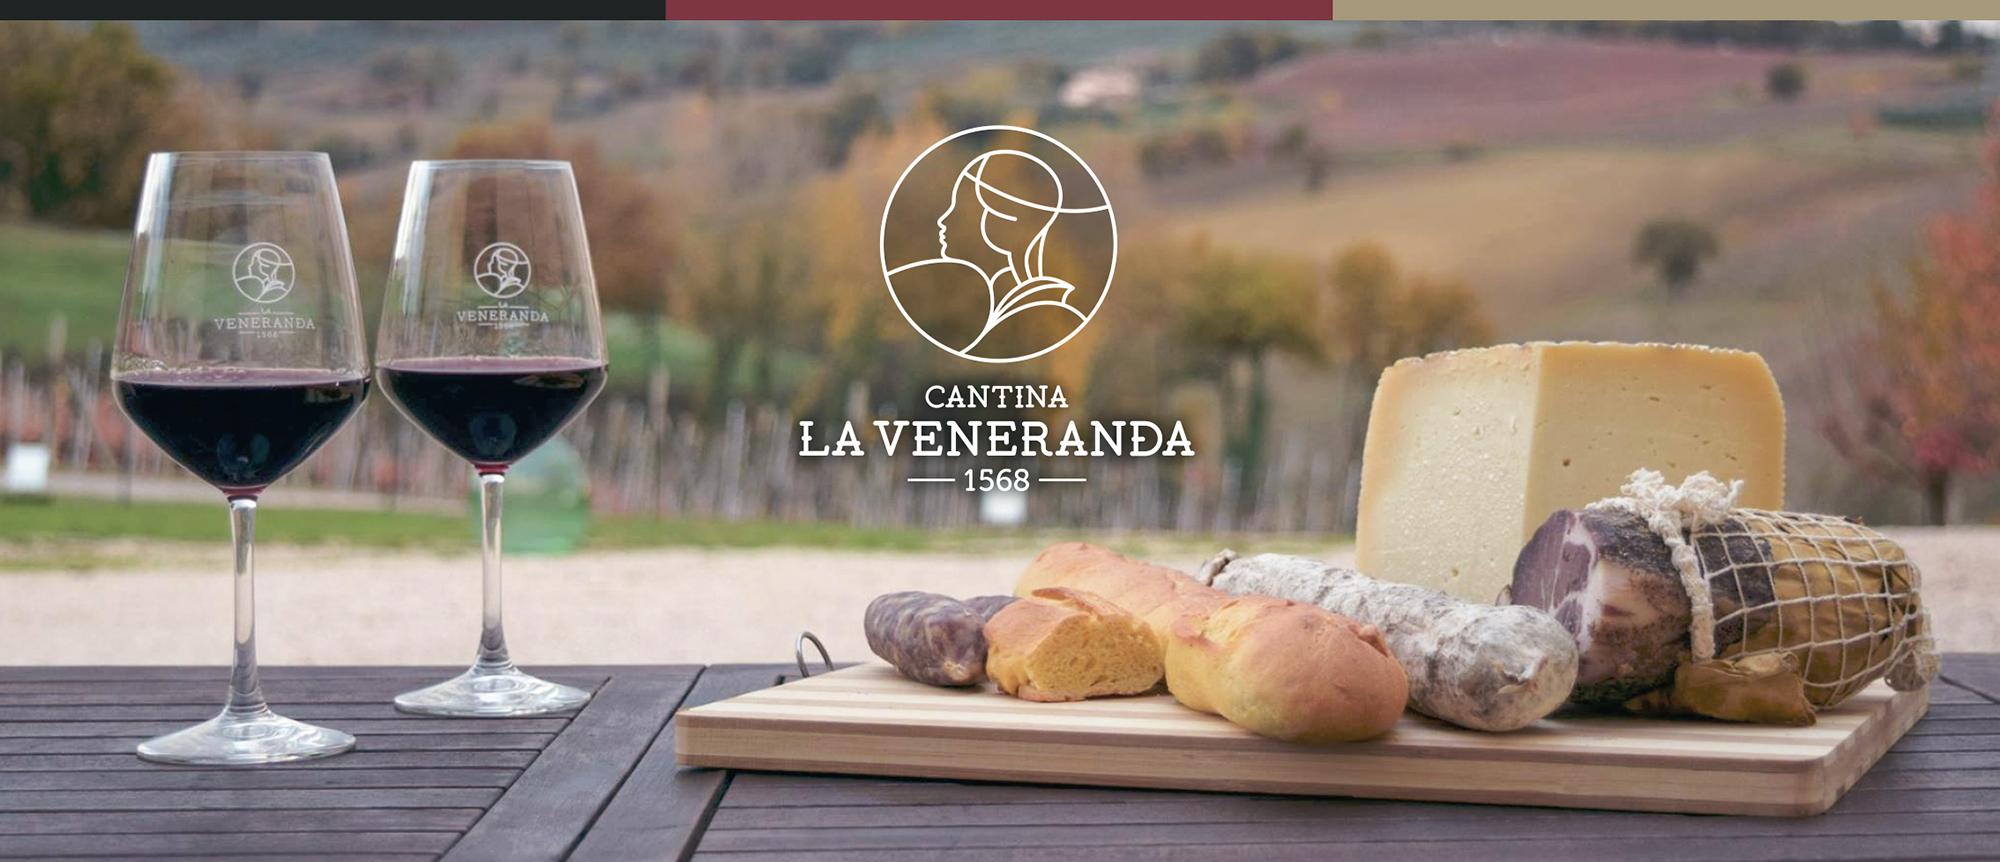 3 slide_la veneranda2